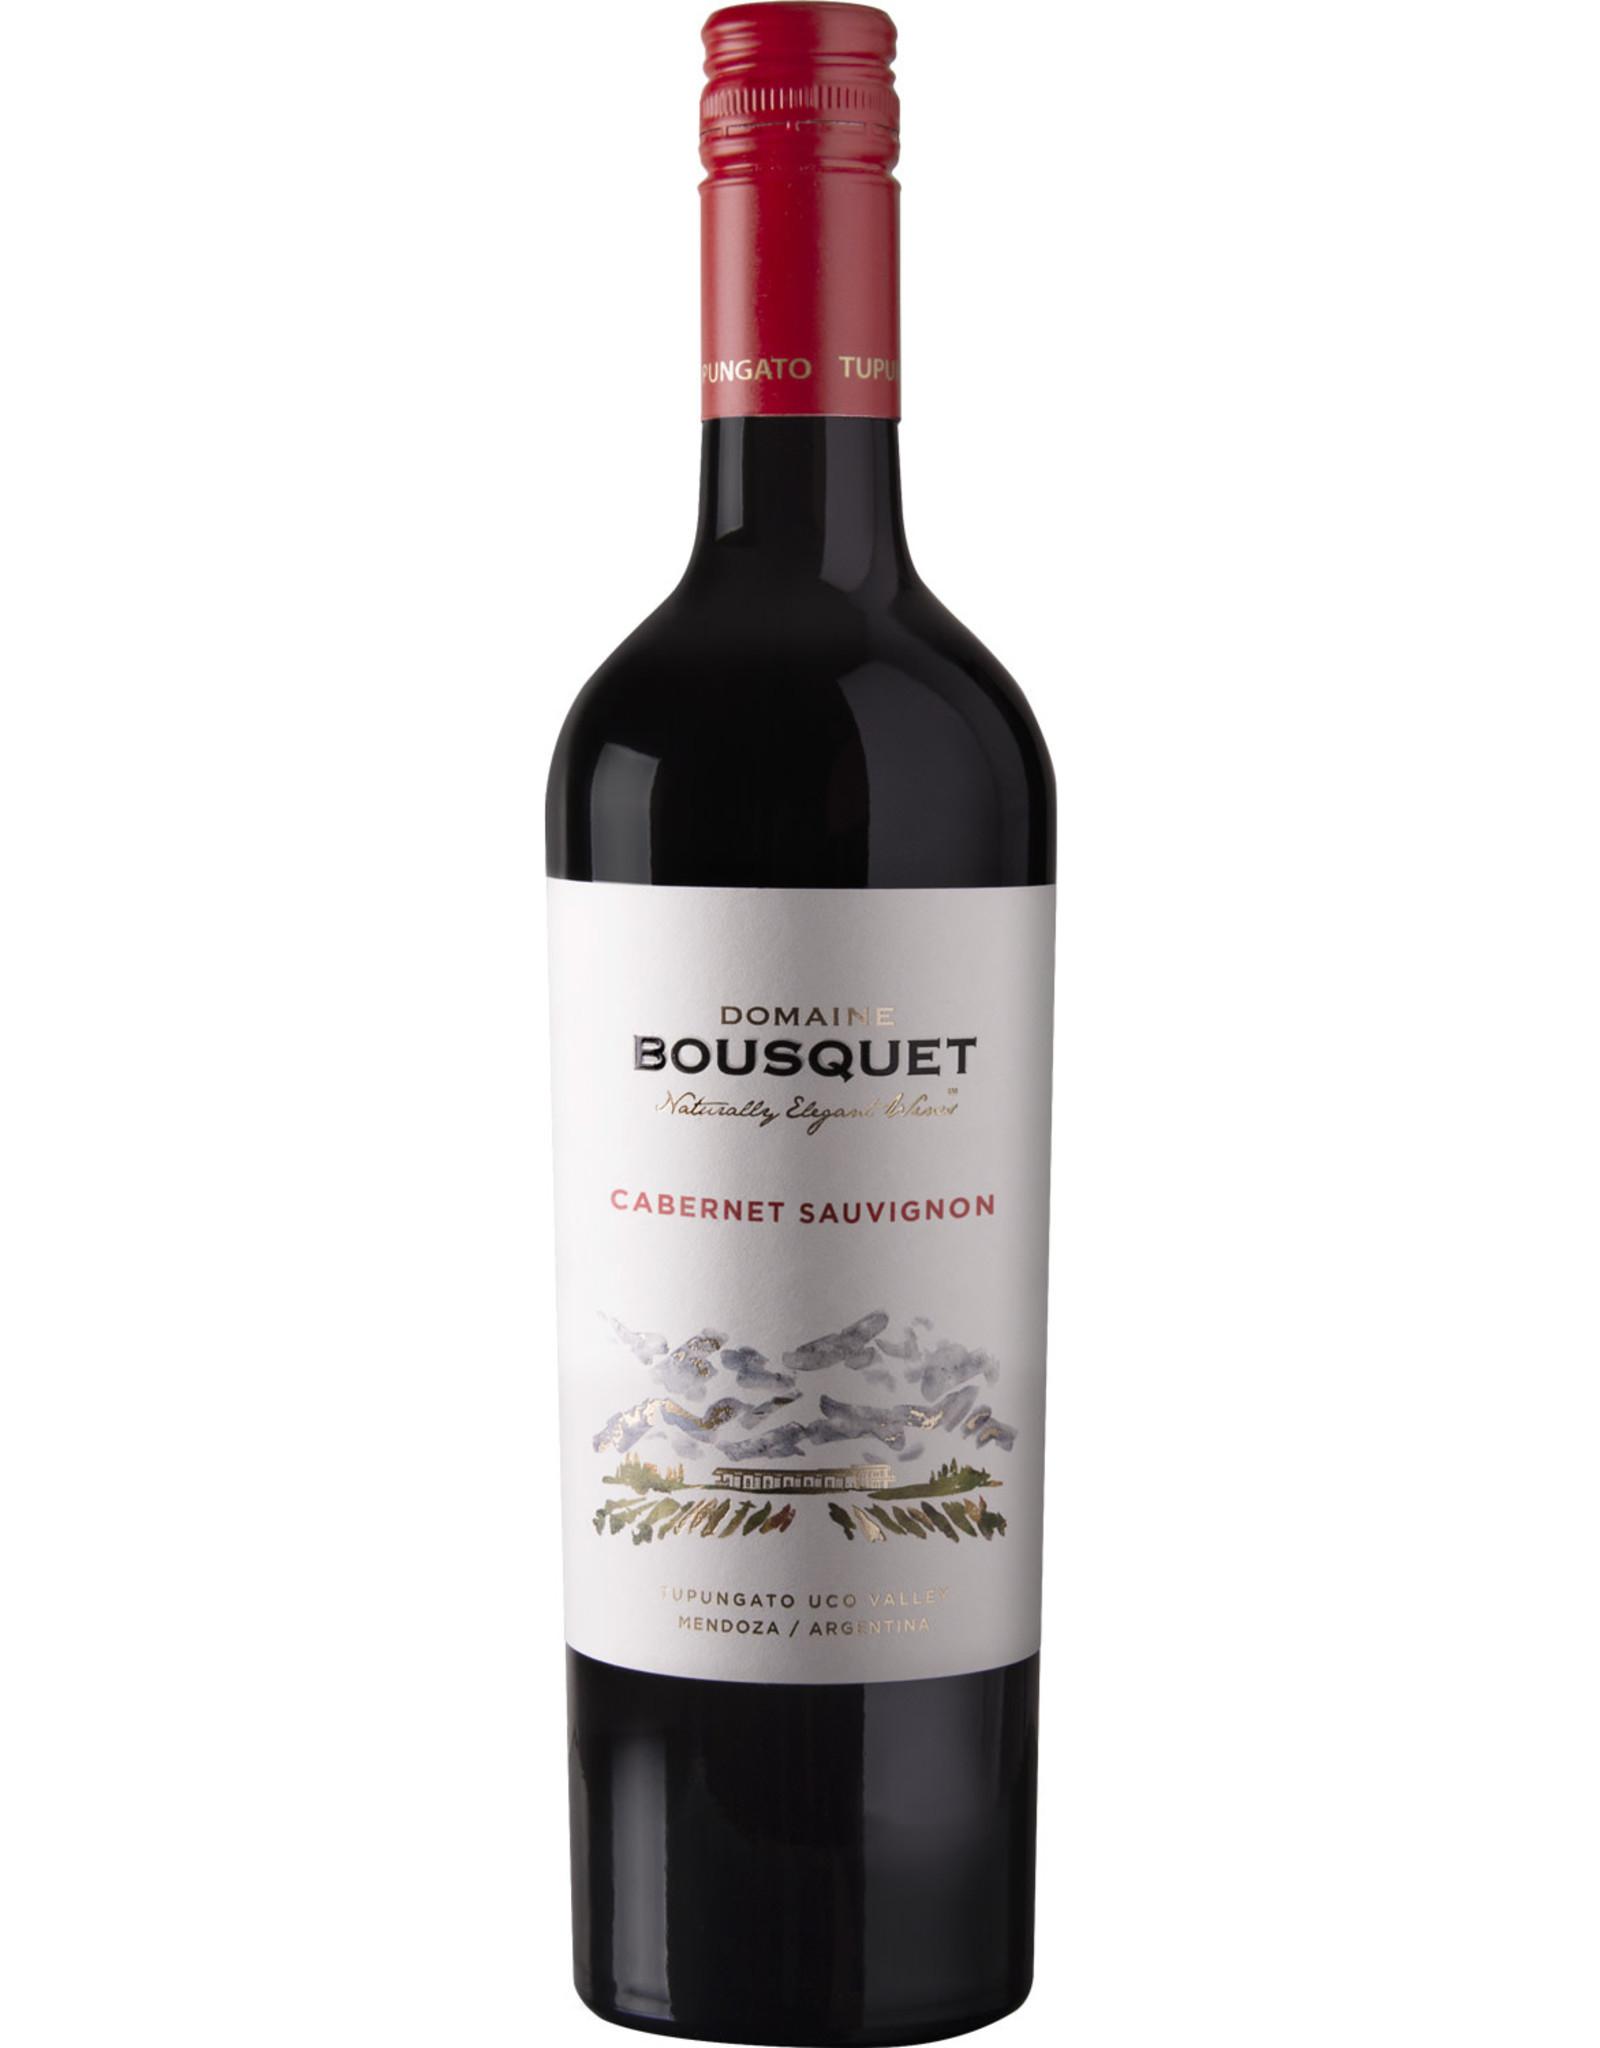 Domaine Bousquet Domaine Bousquet Cabernet Sauvignon, Uco Valley 2018